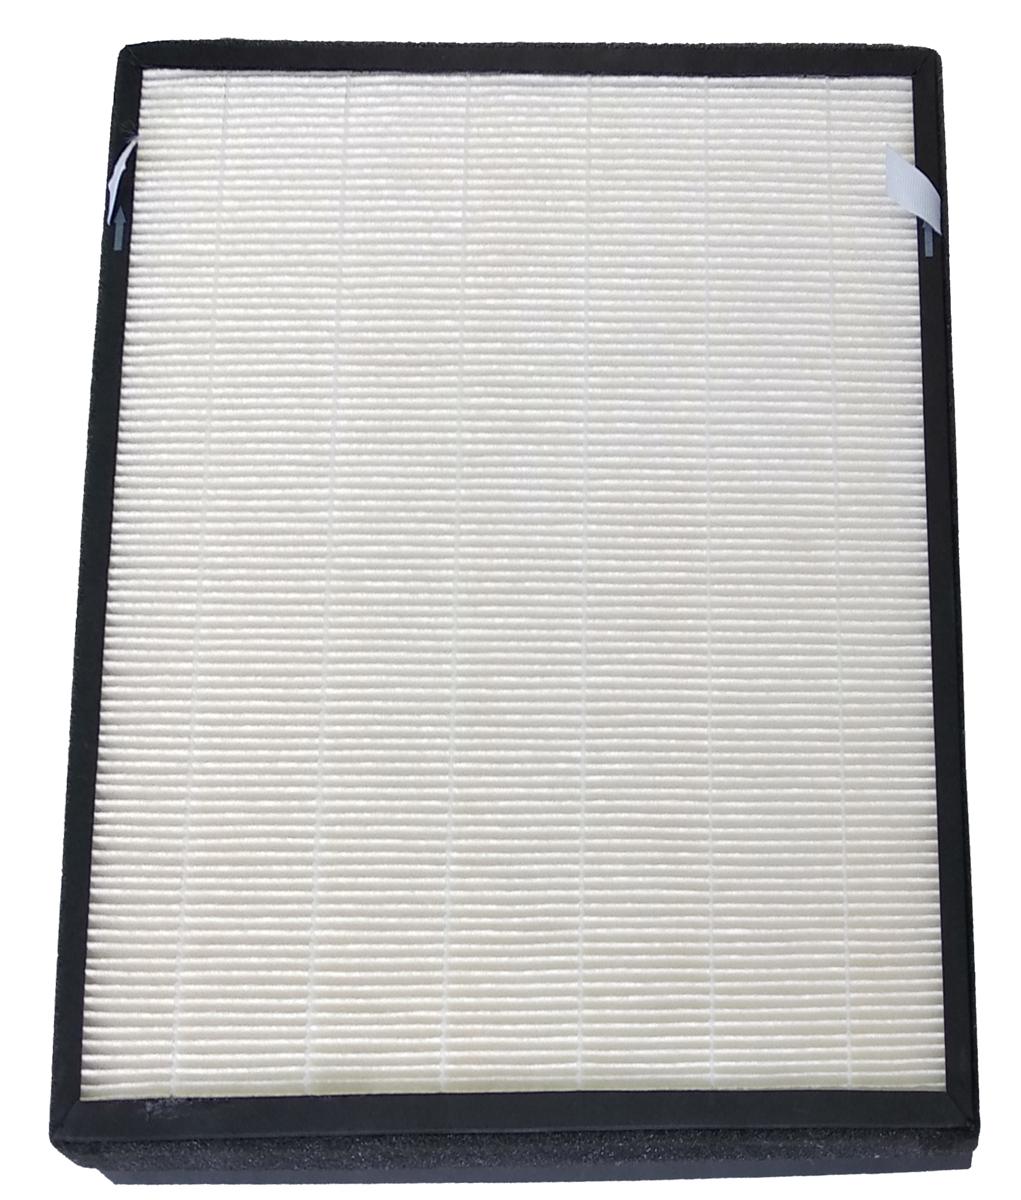 AIC фильтр для очистителя воздуха AIC XJ-4000 aic xj 3800a 1